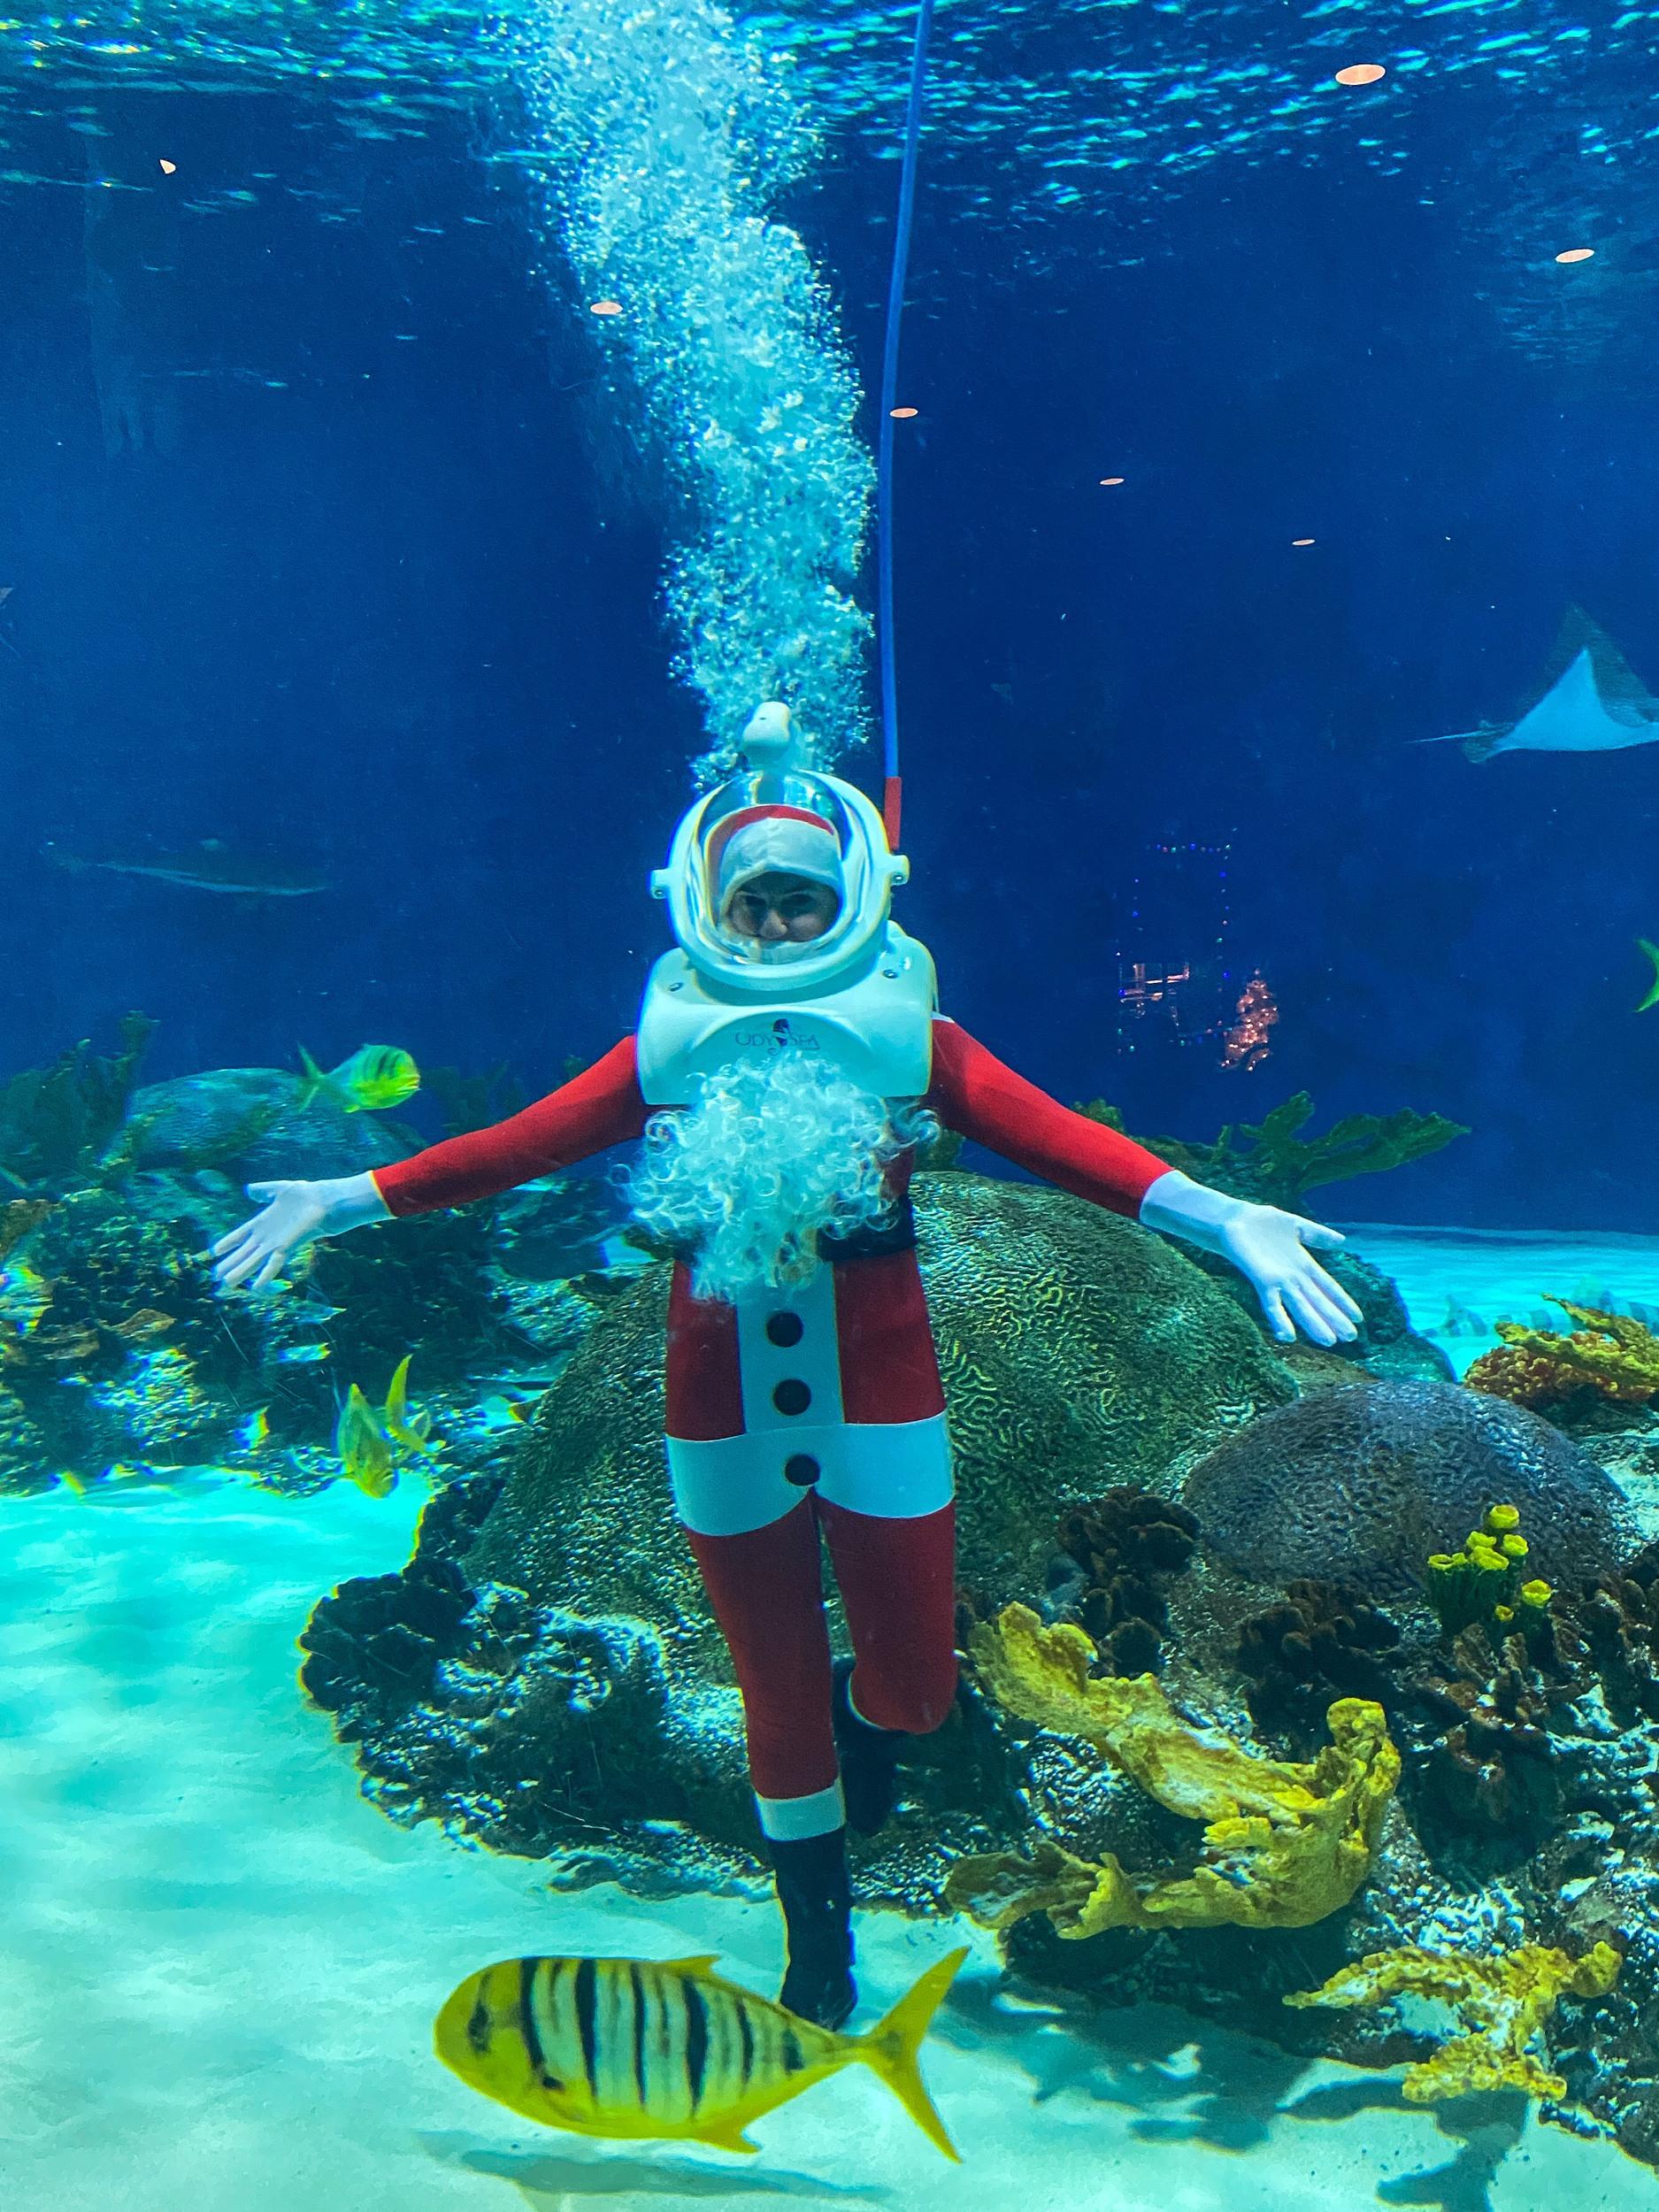 Santa underwater at Odysea Aquarium